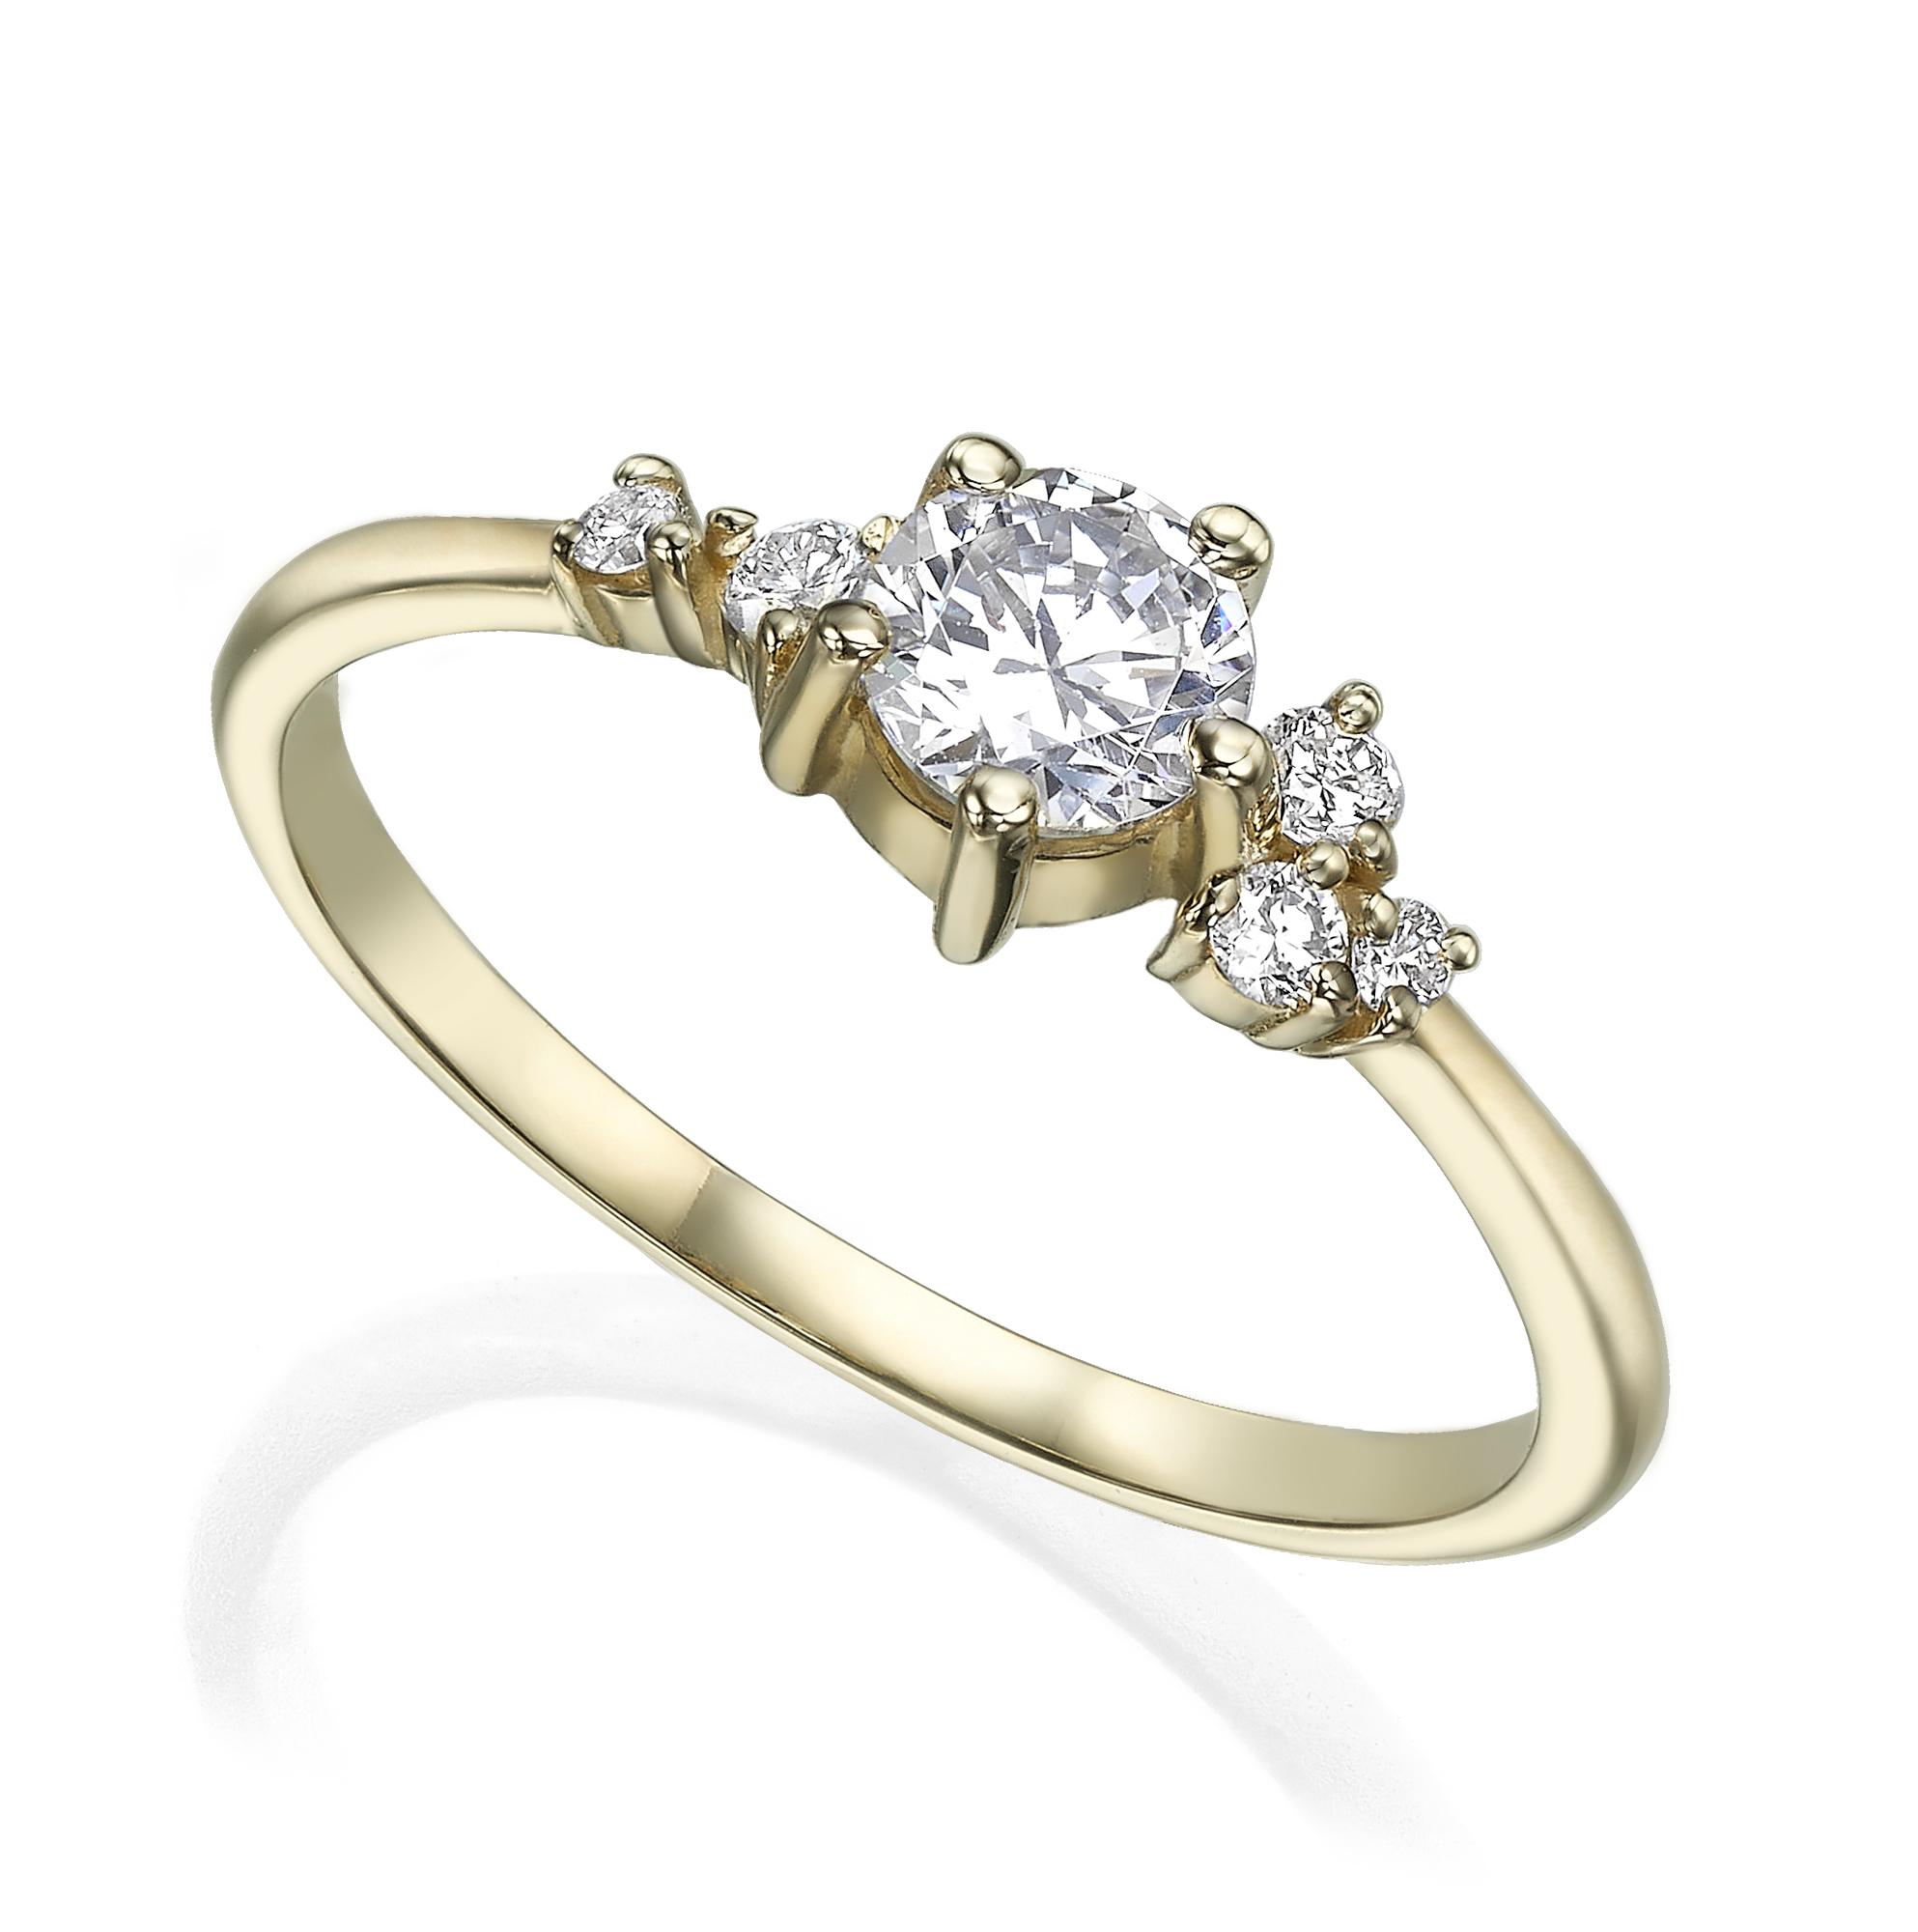 טבעת אירוסין מושבצת יהלום חצי קארט  ויהלומים קטנים א סימטרים